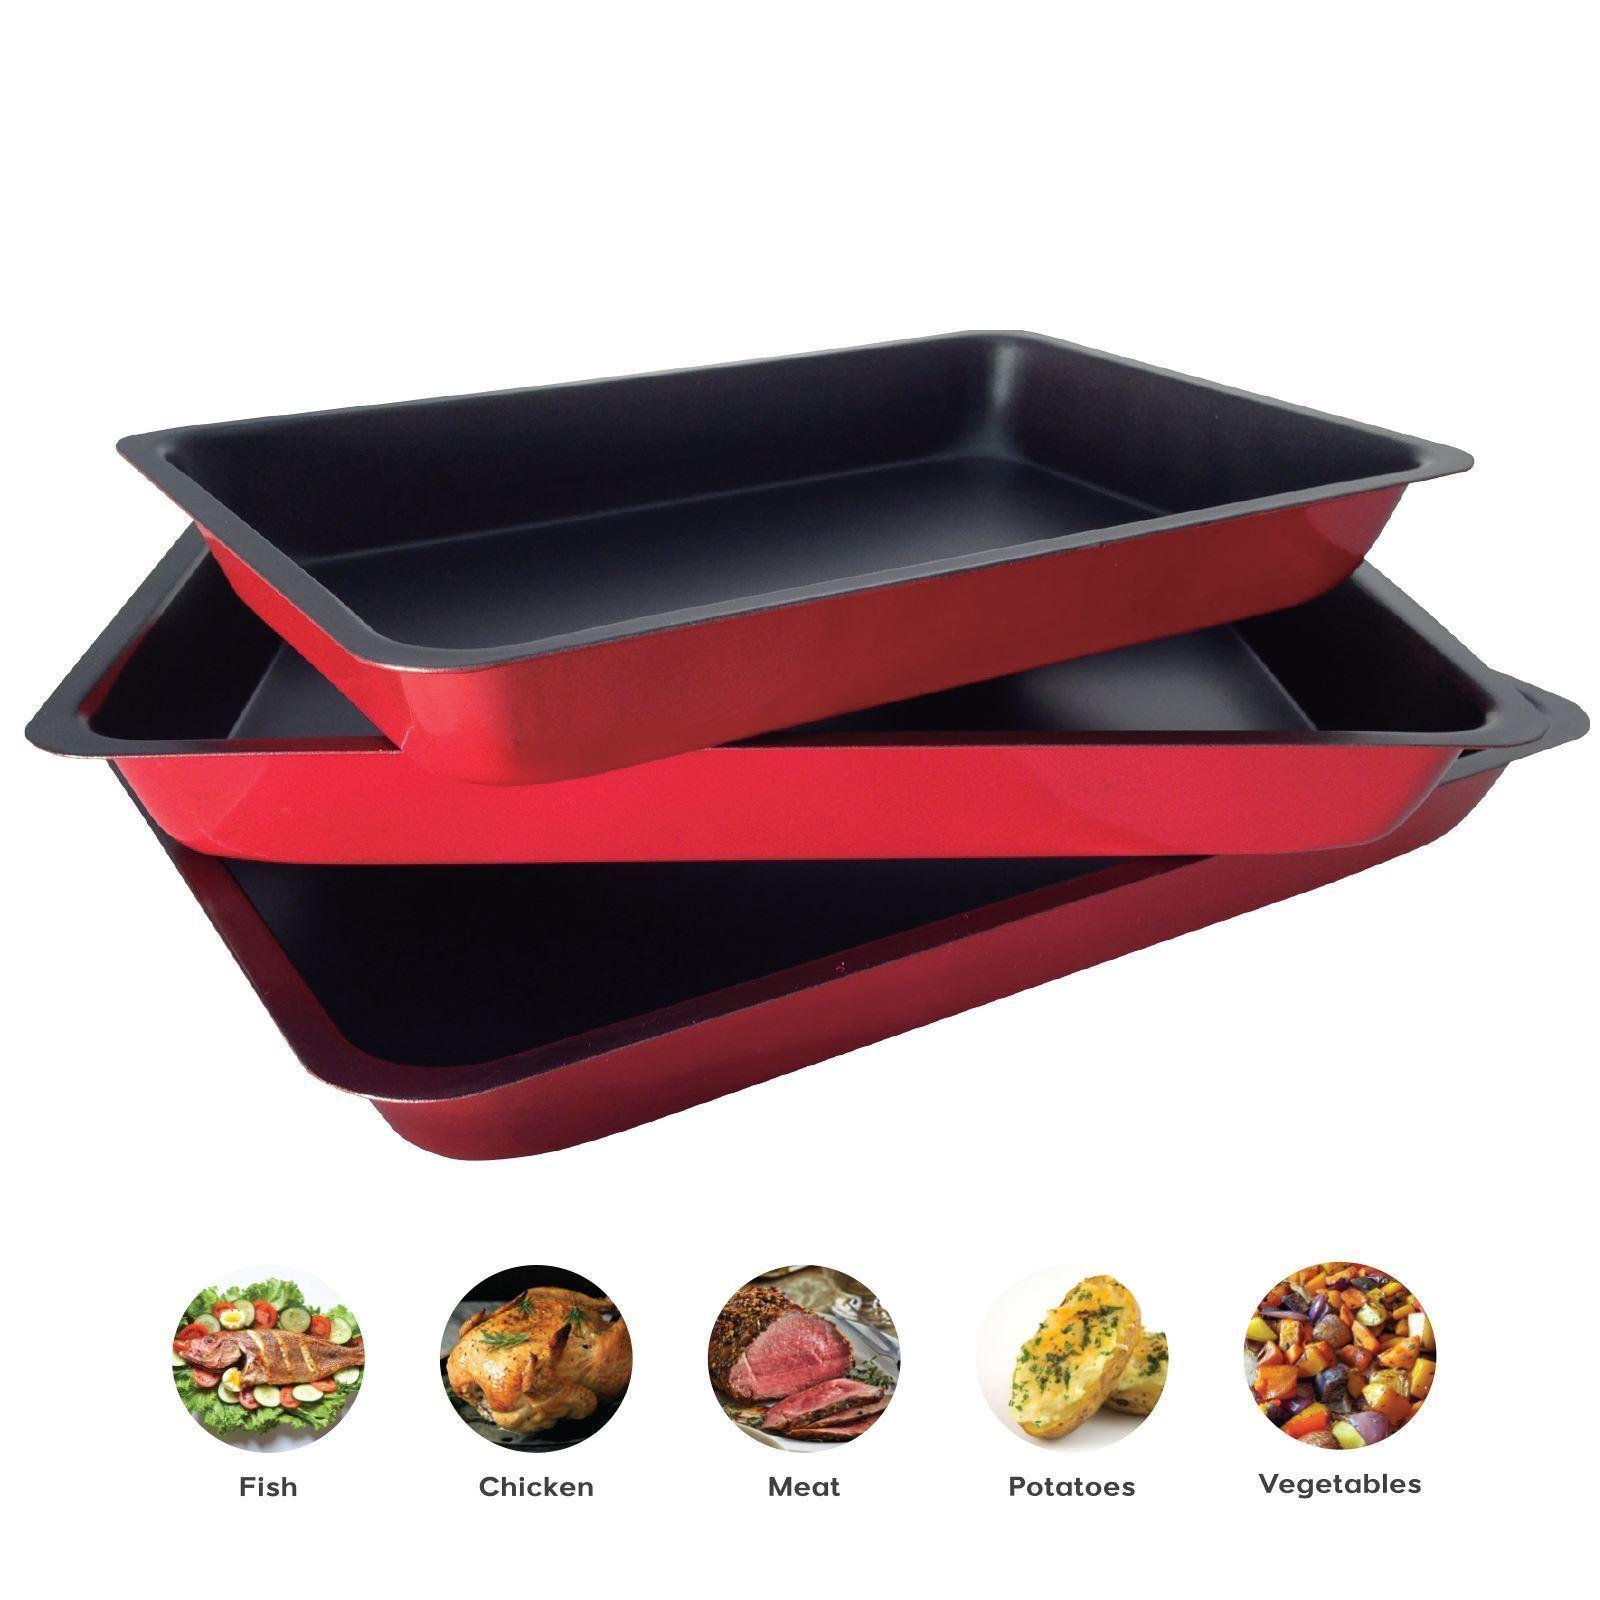 Set Of 3 Non Stick Baking Roasting Cooking Tray Set Oven Dish Bake Pan Bakeware